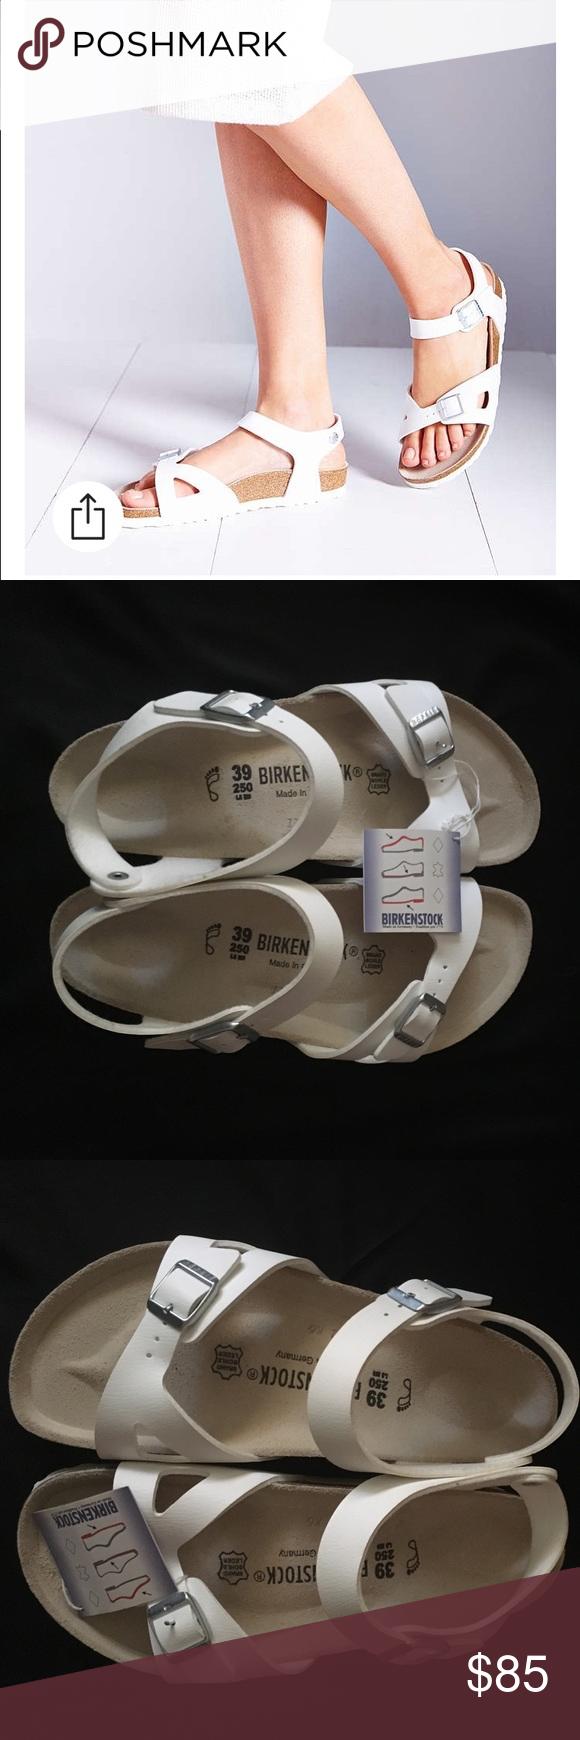 64621778f946 White Birkenstock Rio Ankle Strap Sandals 39 These are brand new Birkenstock